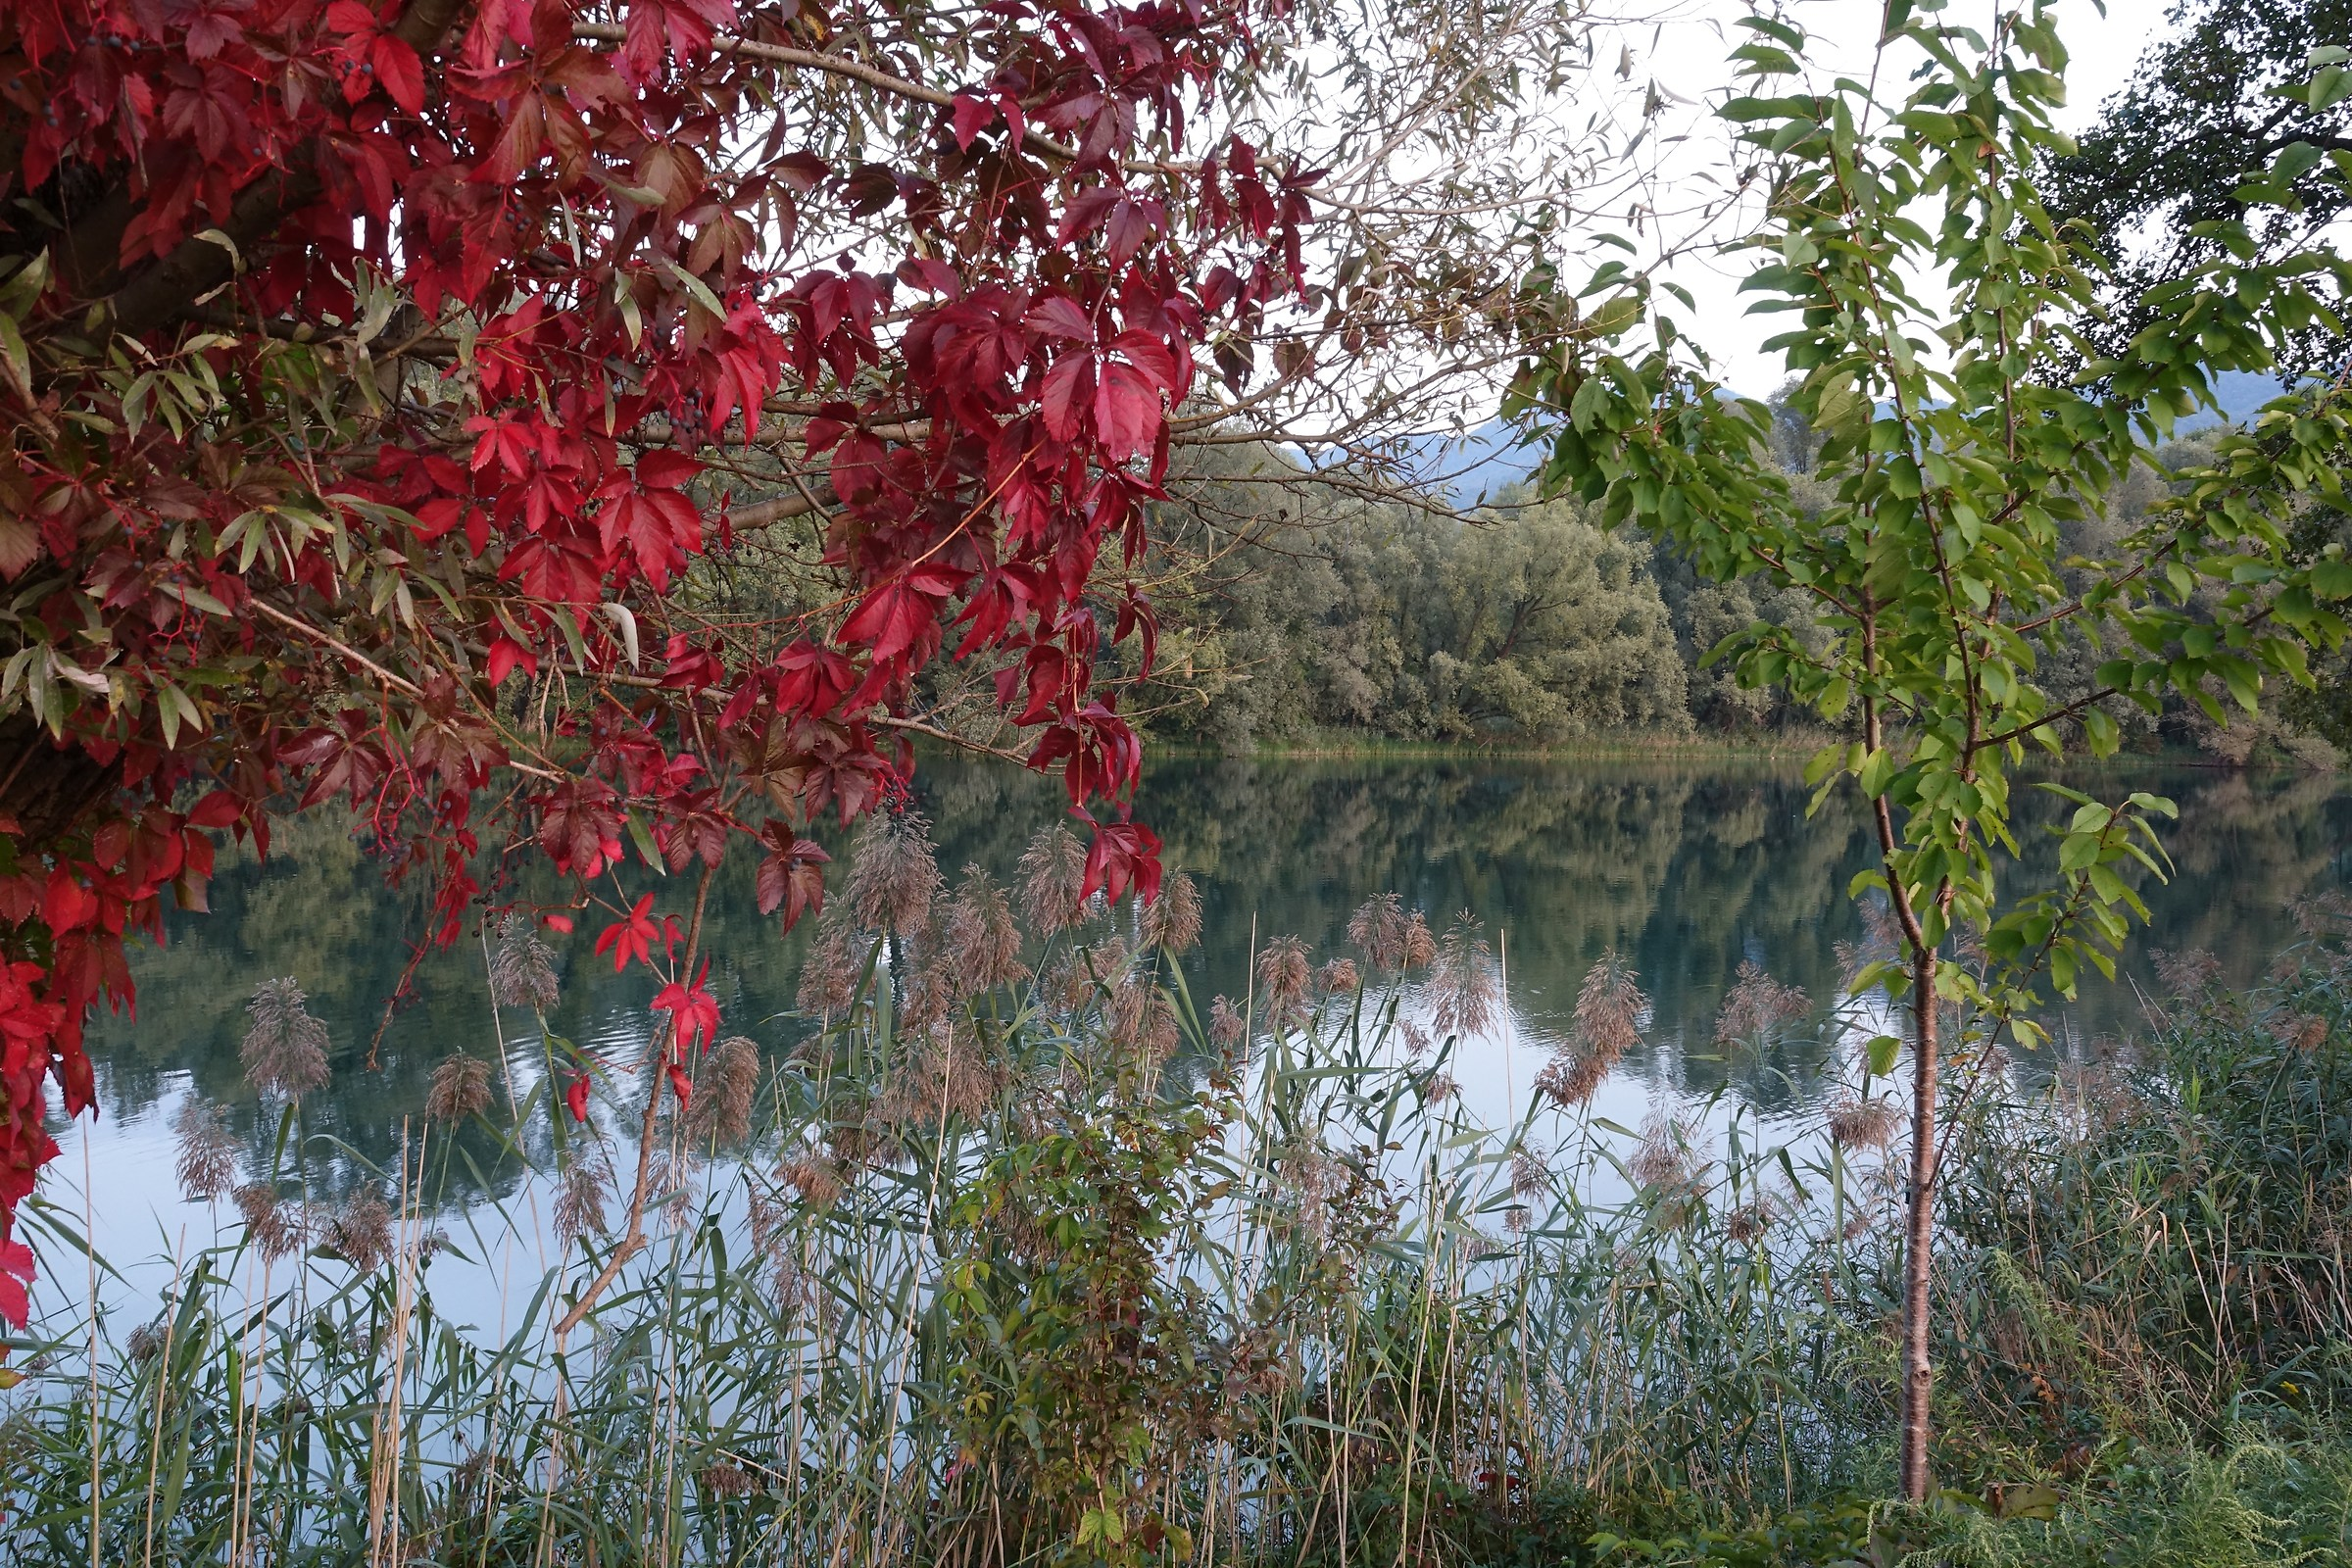 Adda, early autumn colors...